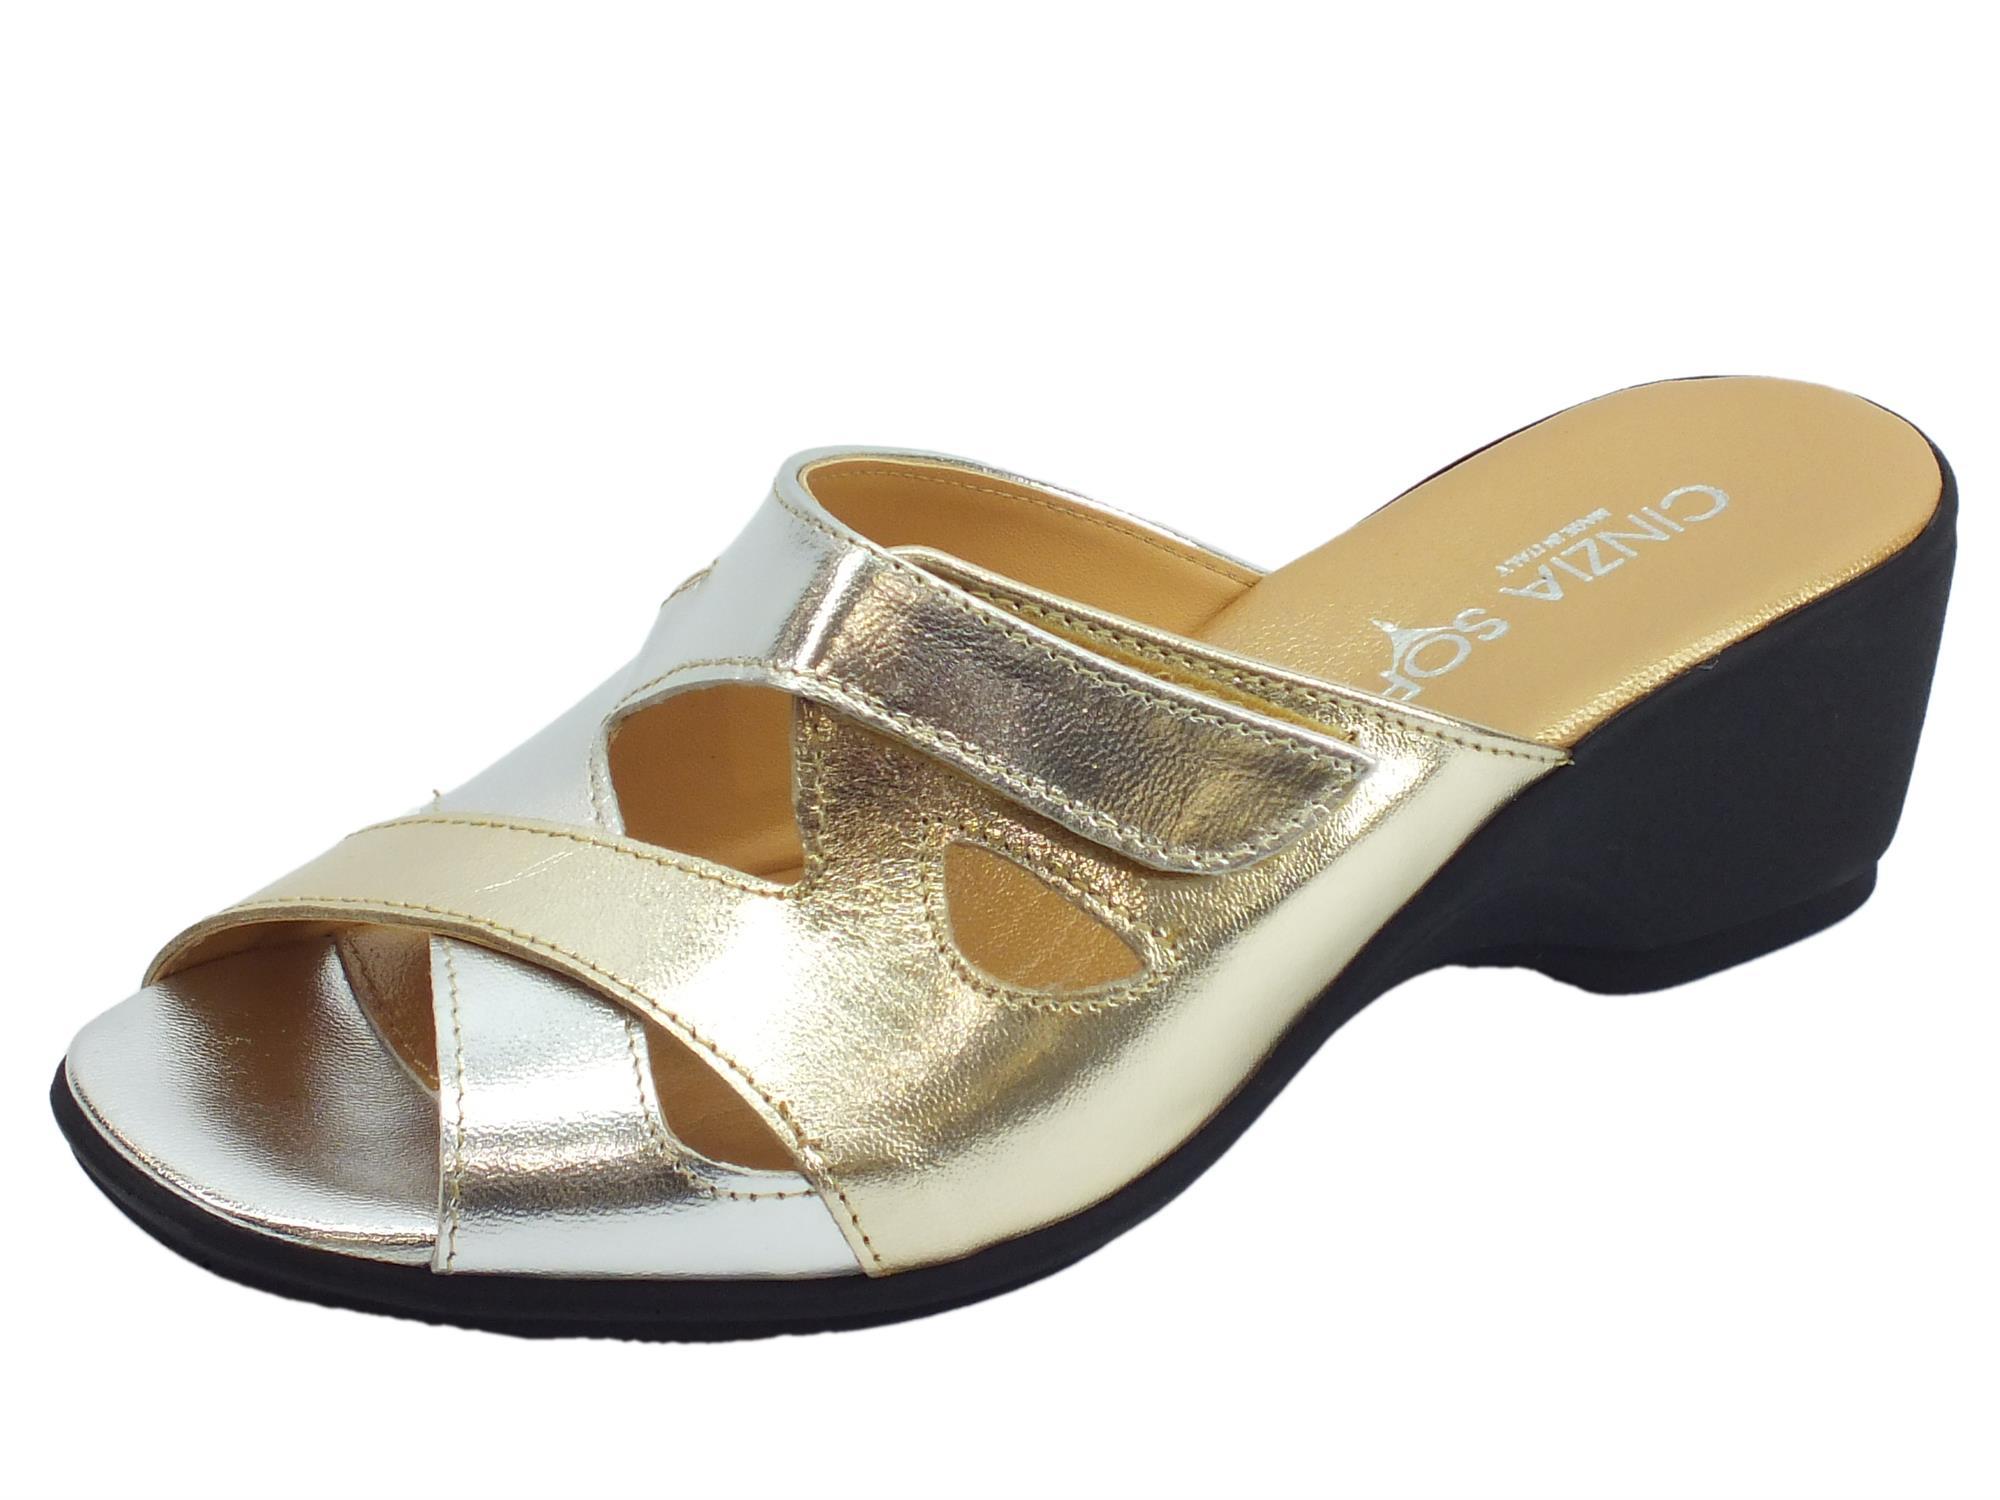 f1a7e1339c067 Cinzia Soft sandali in pelle argento e platino con regolazione a strappo